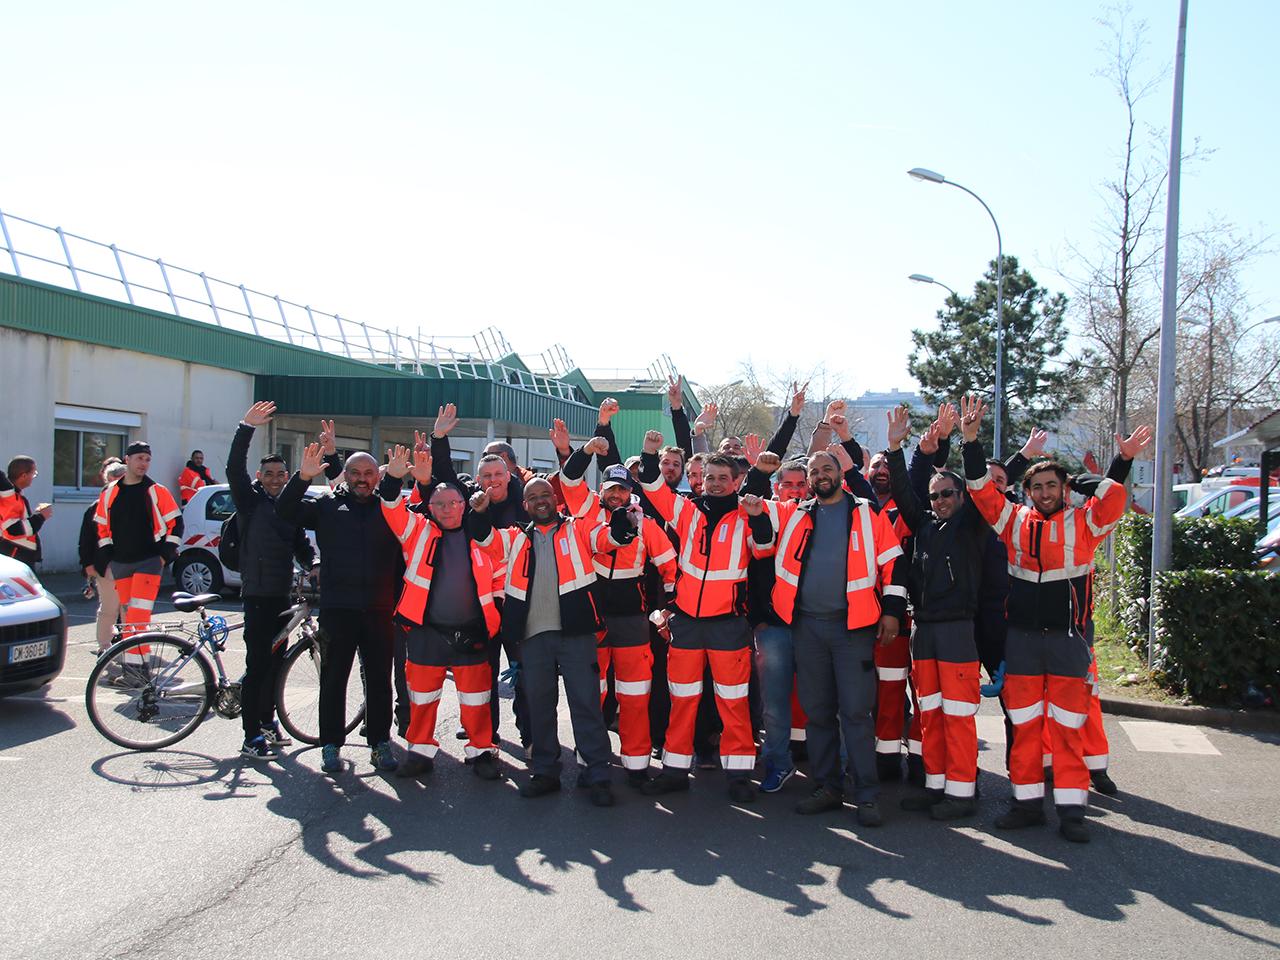 Les éboueurs grévistes de Villeurbanne - Lyonmag.com